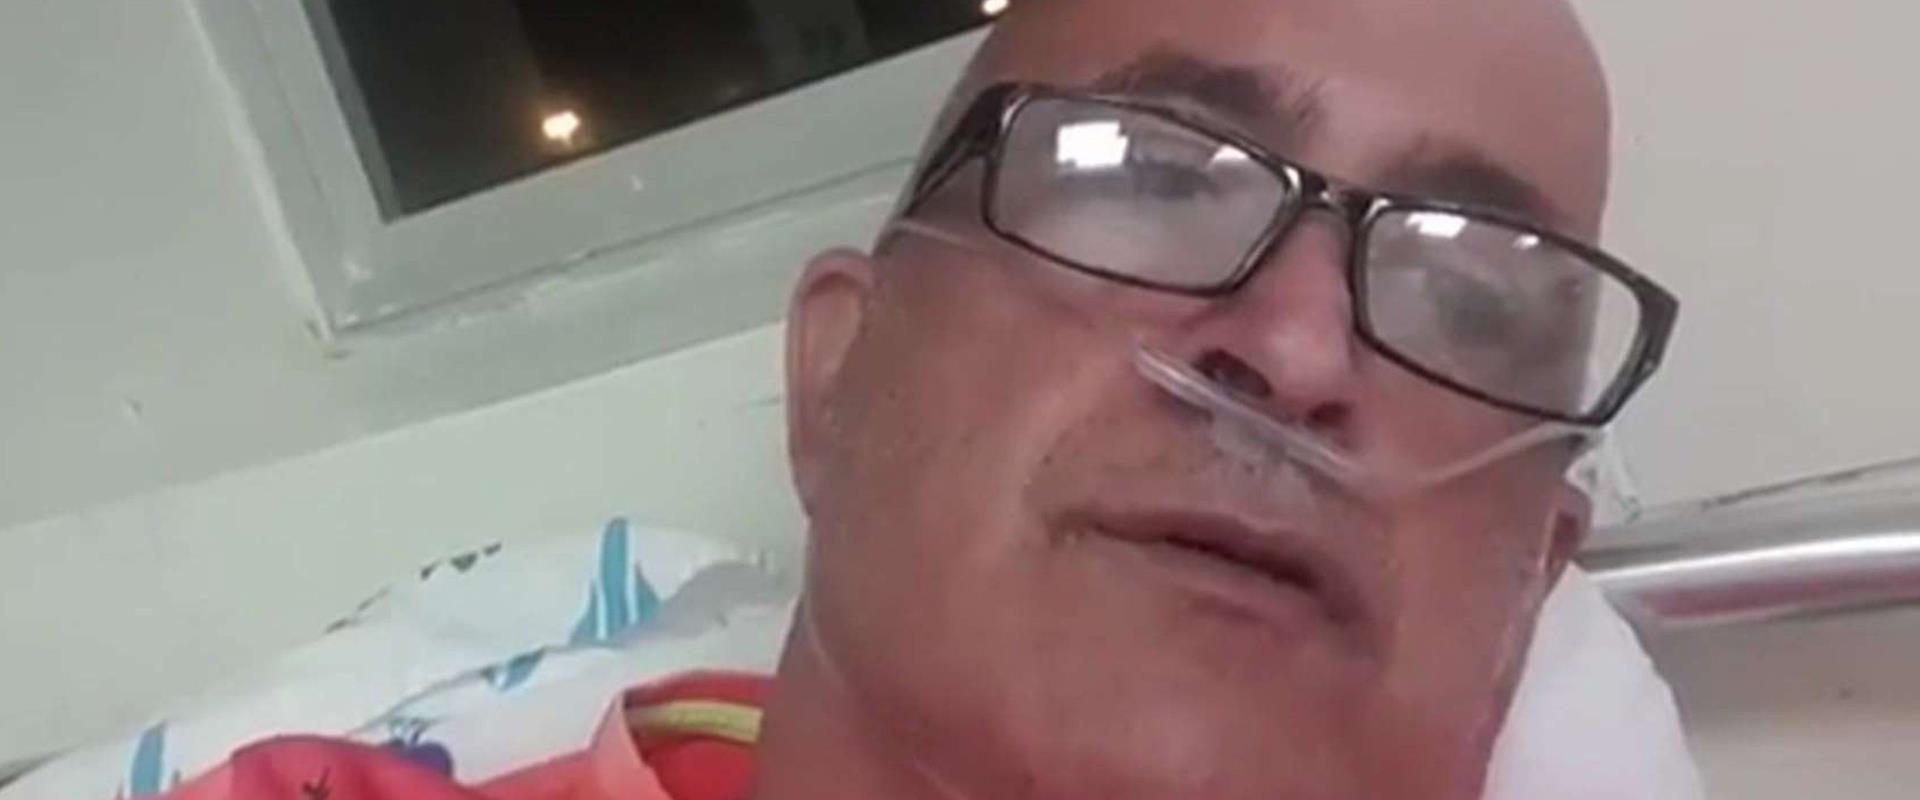 חי שאוליאן, ממובילי מחאת מתנגדי החיסונים, נפטר לאח